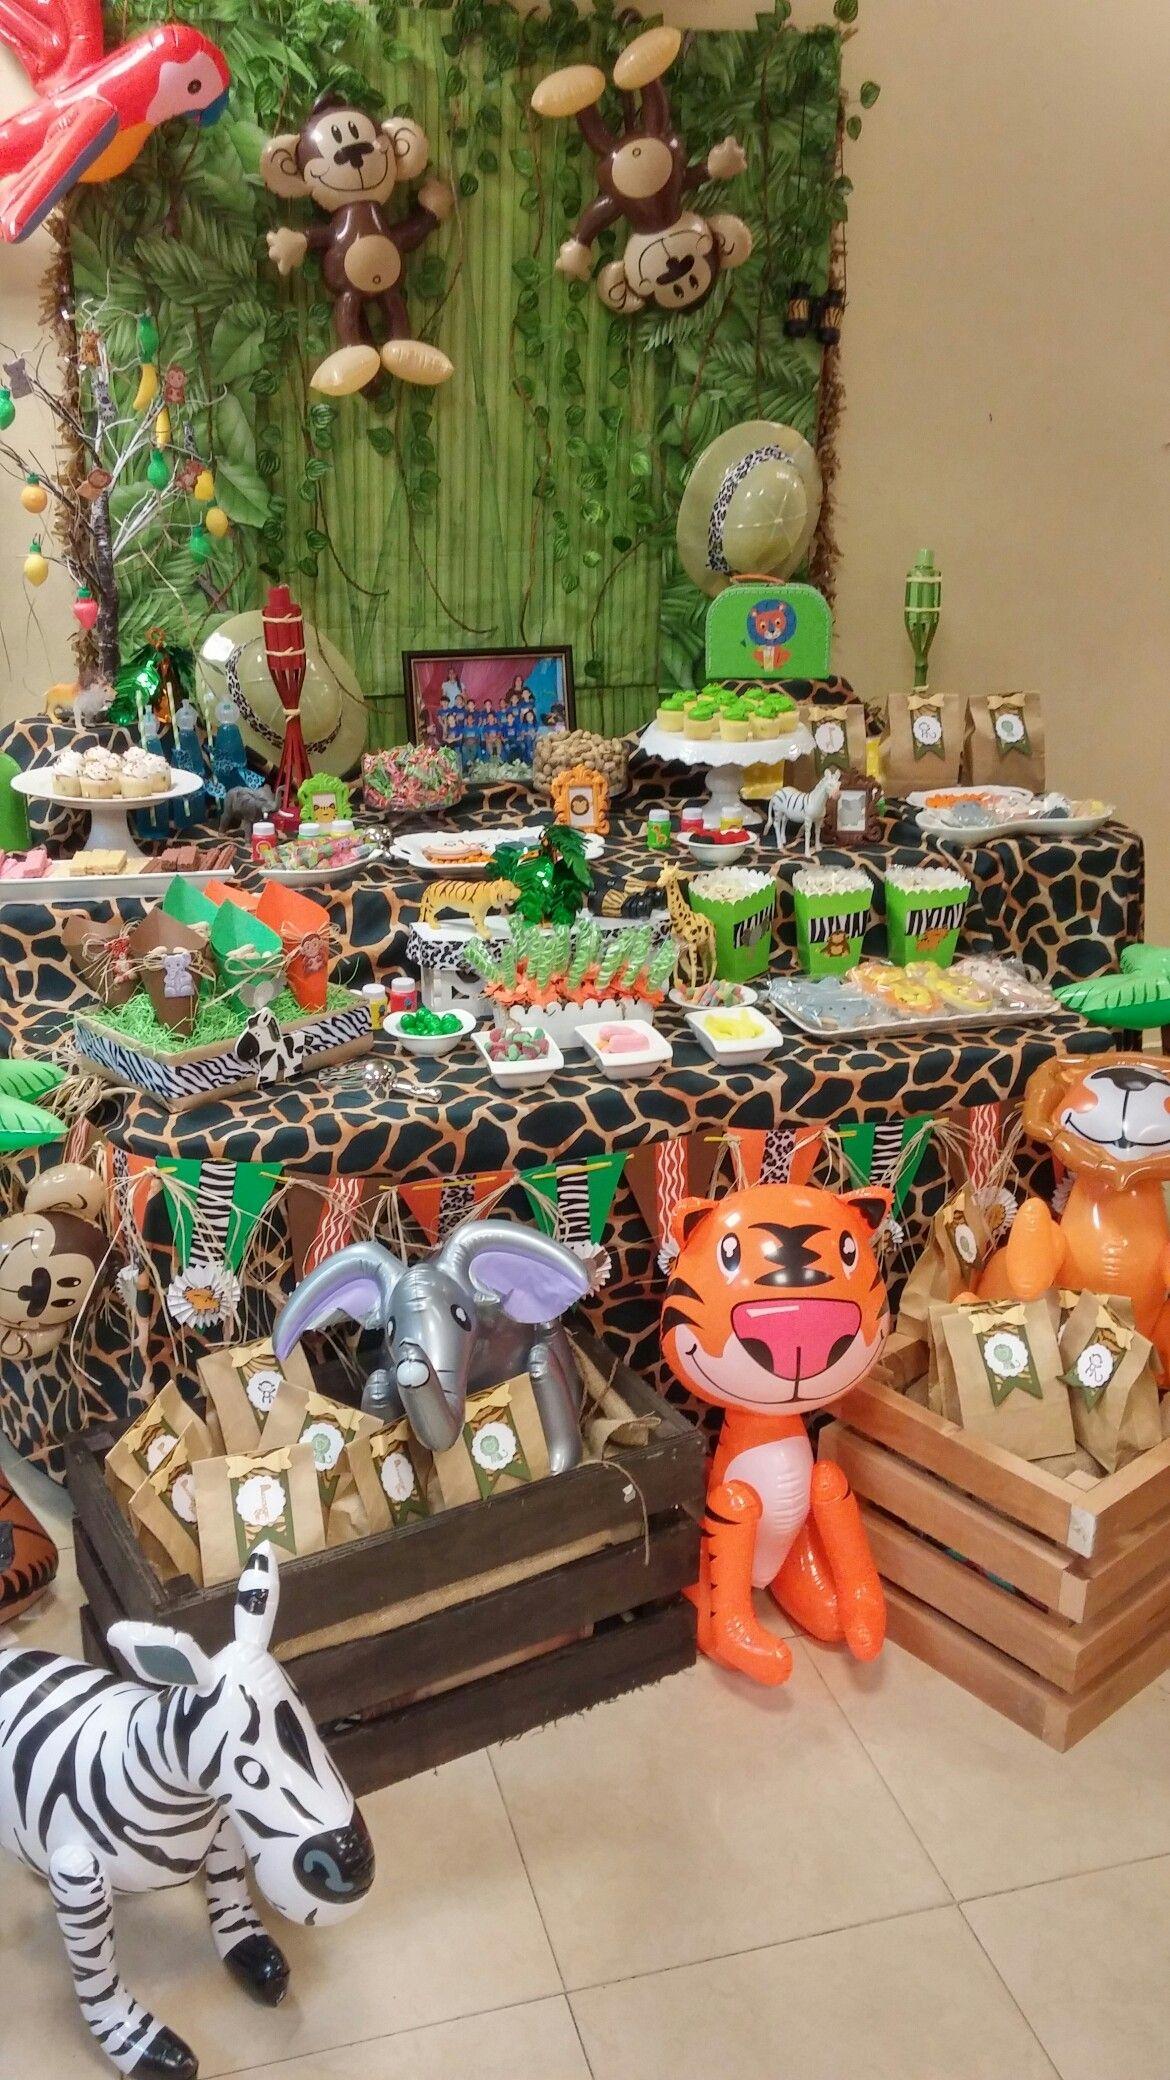 M 225 s de 1000 ideas sobre decoraciones de fiesta de safari en pinterest - Safari Candy Bar